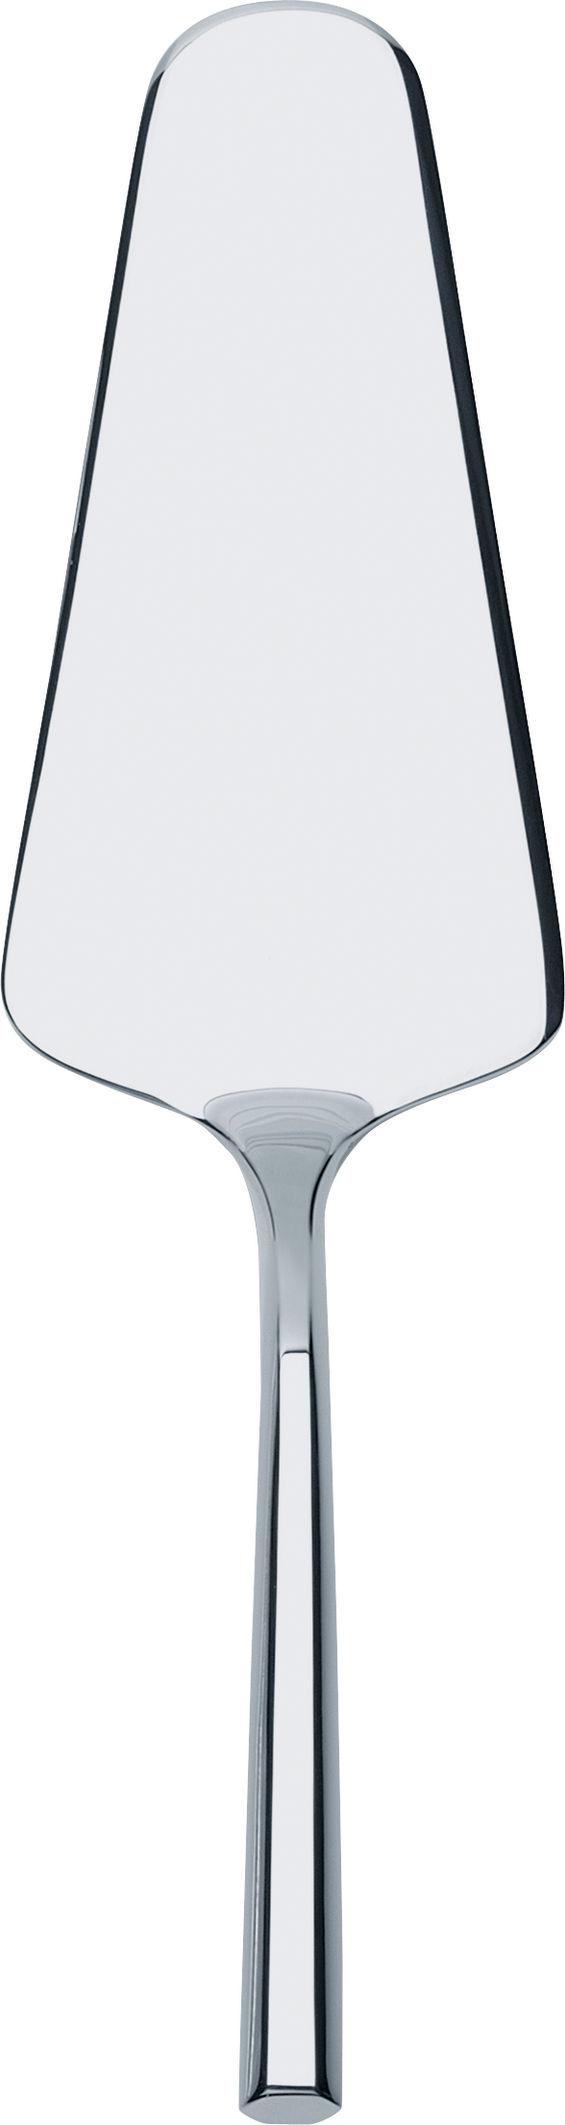 Tableware - Serving Cutlery - Mu Cake slice by Alessi - Steel - Stainless steel 18/10